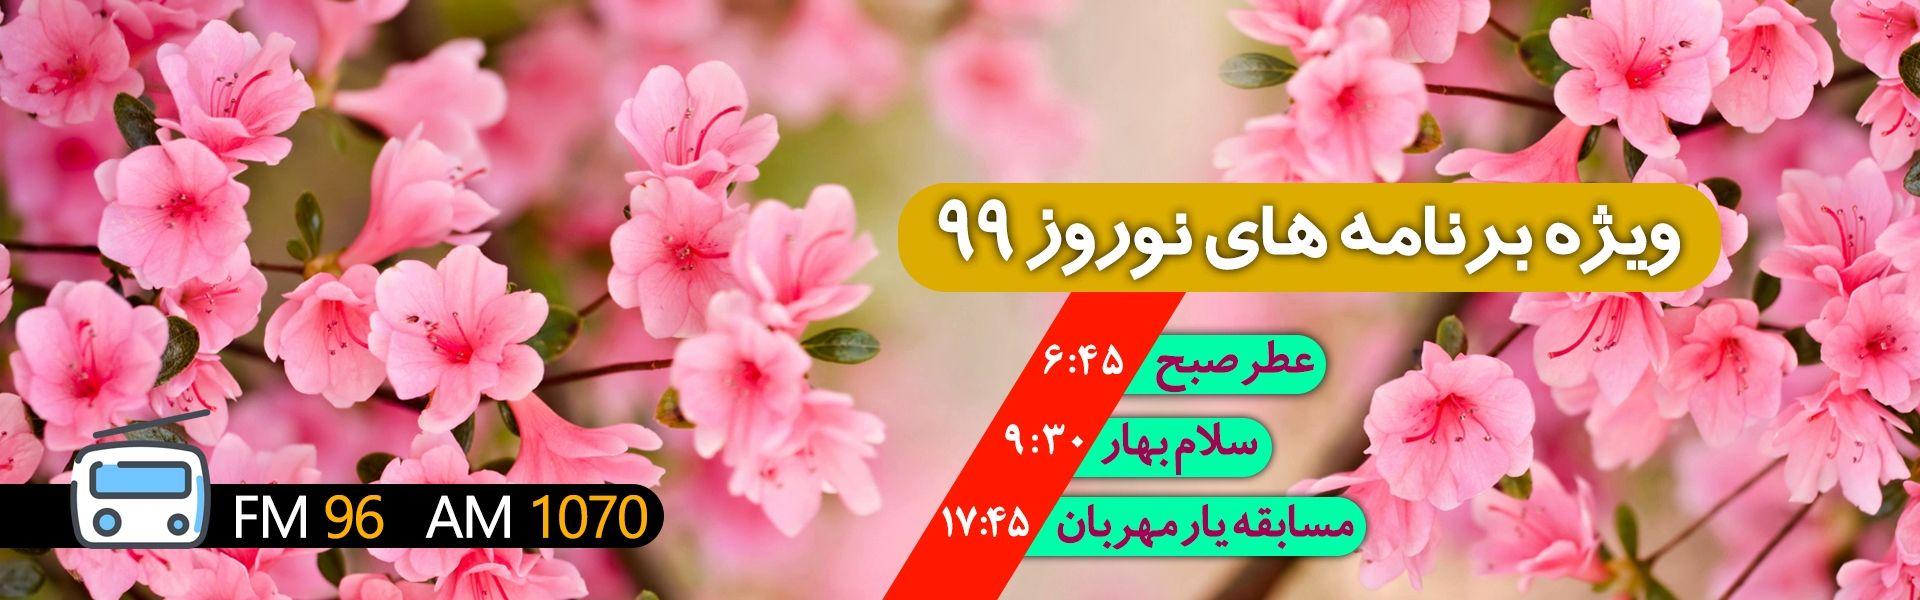 ویژه برنامه های نوروز 99